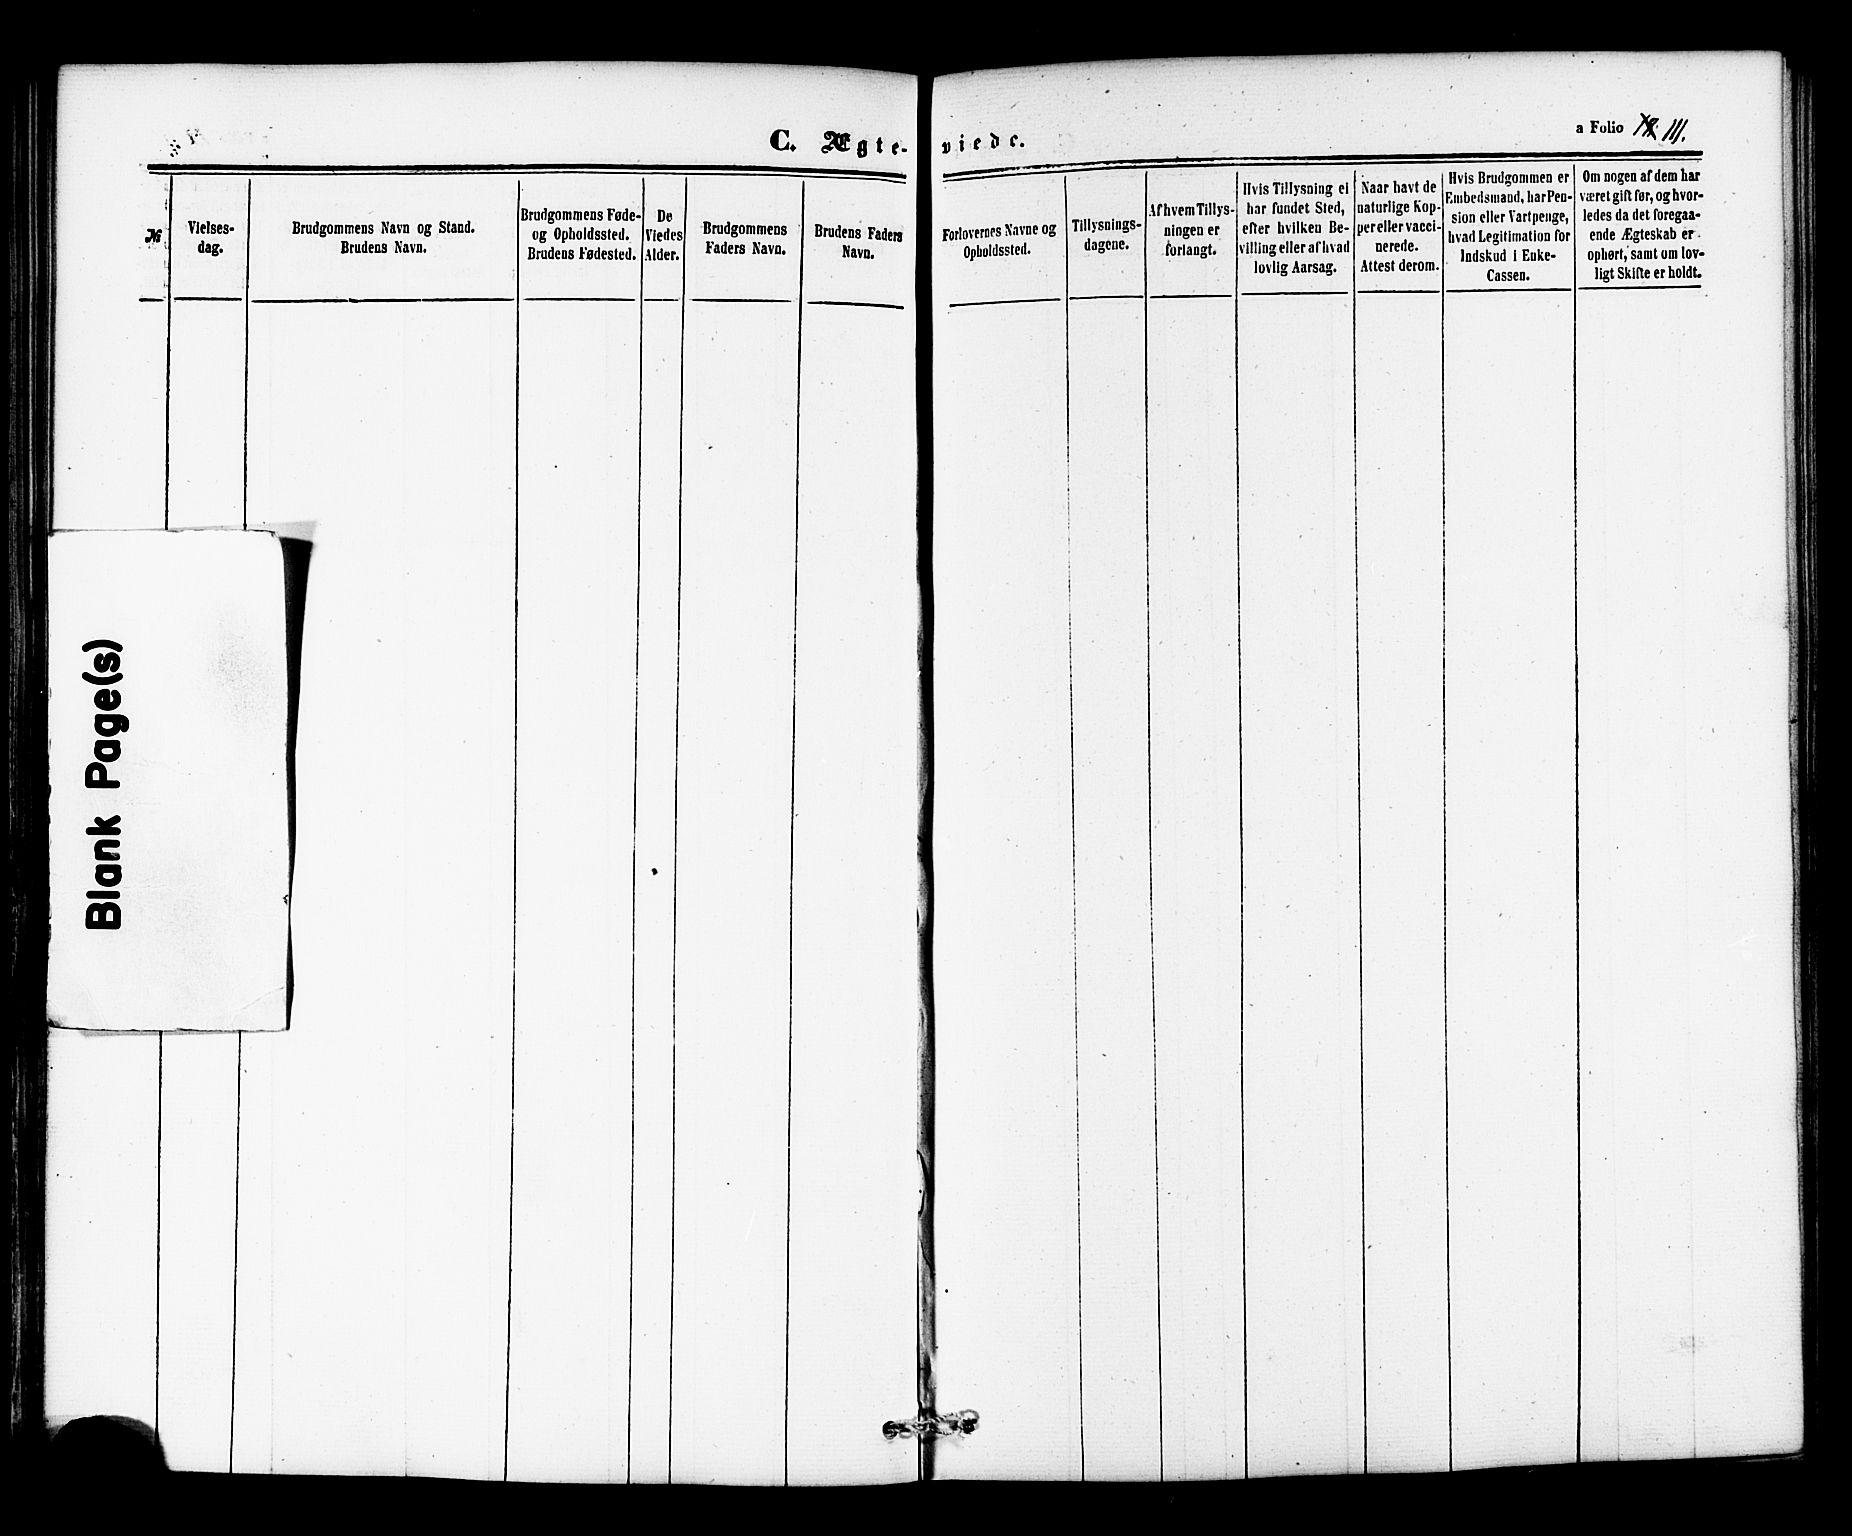 SAT, Ministerialprotokoller, klokkerbøker og fødselsregistre - Nord-Trøndelag, 706/L0041: Ministerialbok nr. 706A02, 1862-1877, s. 111